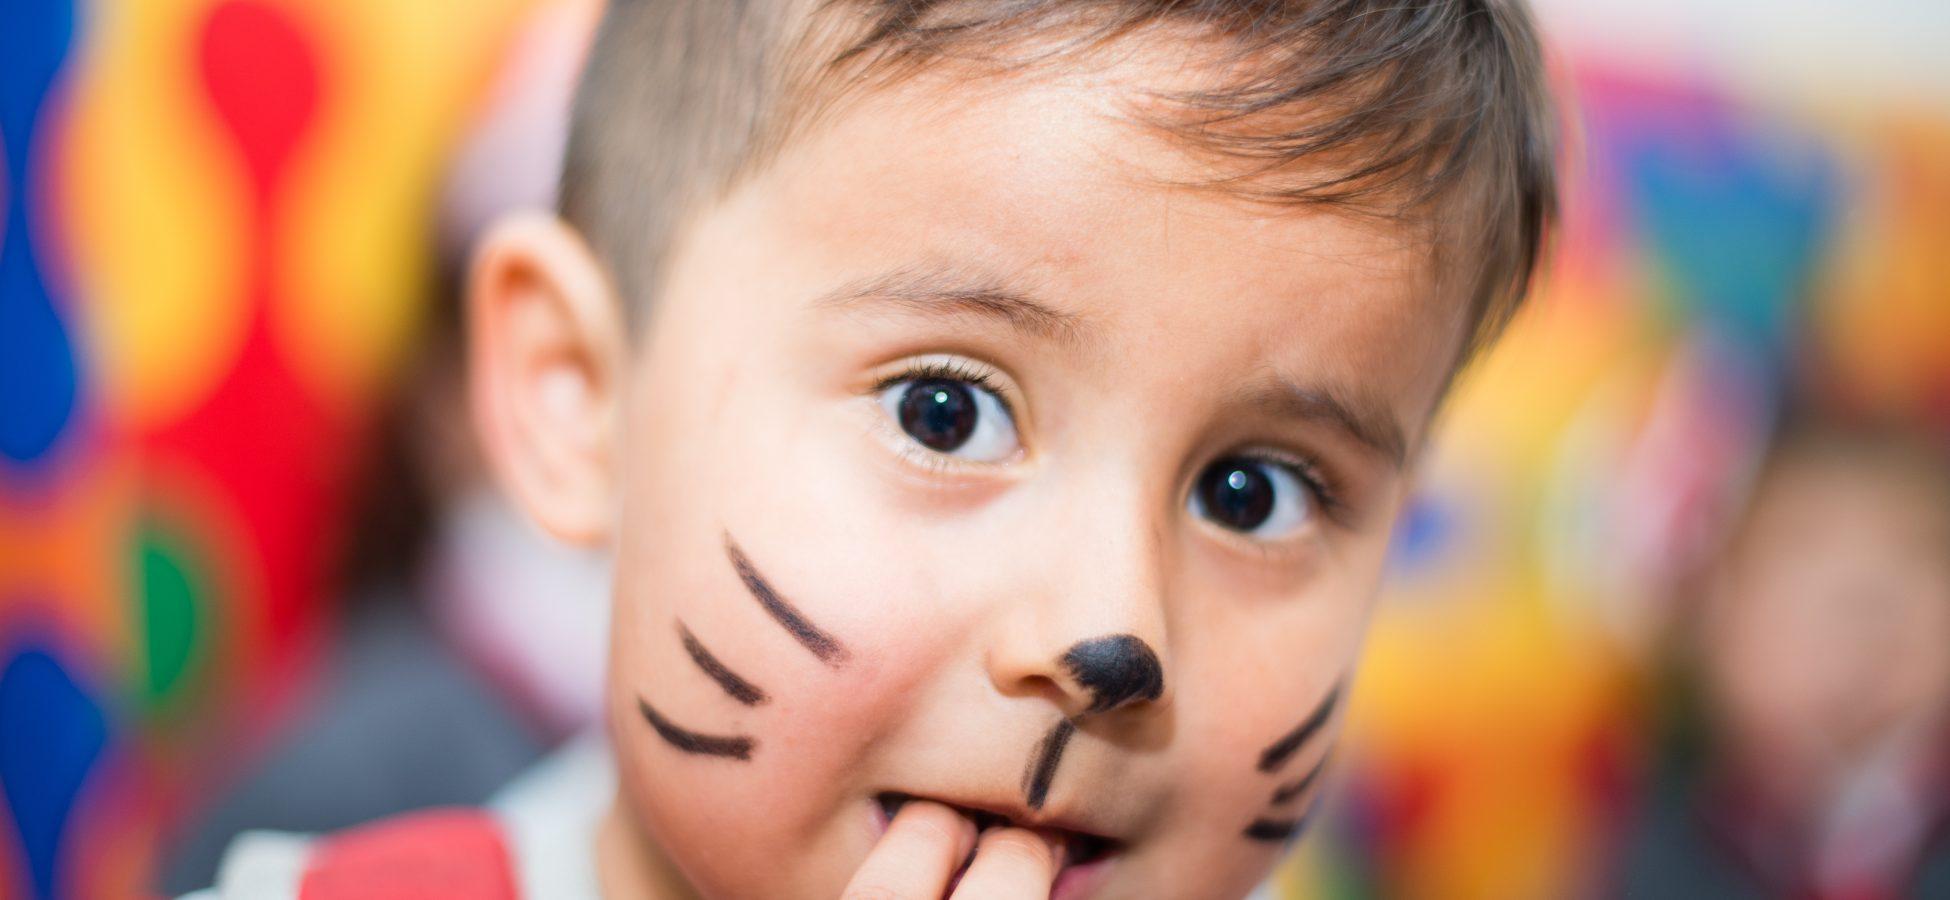 niño pequeño con cara pintada